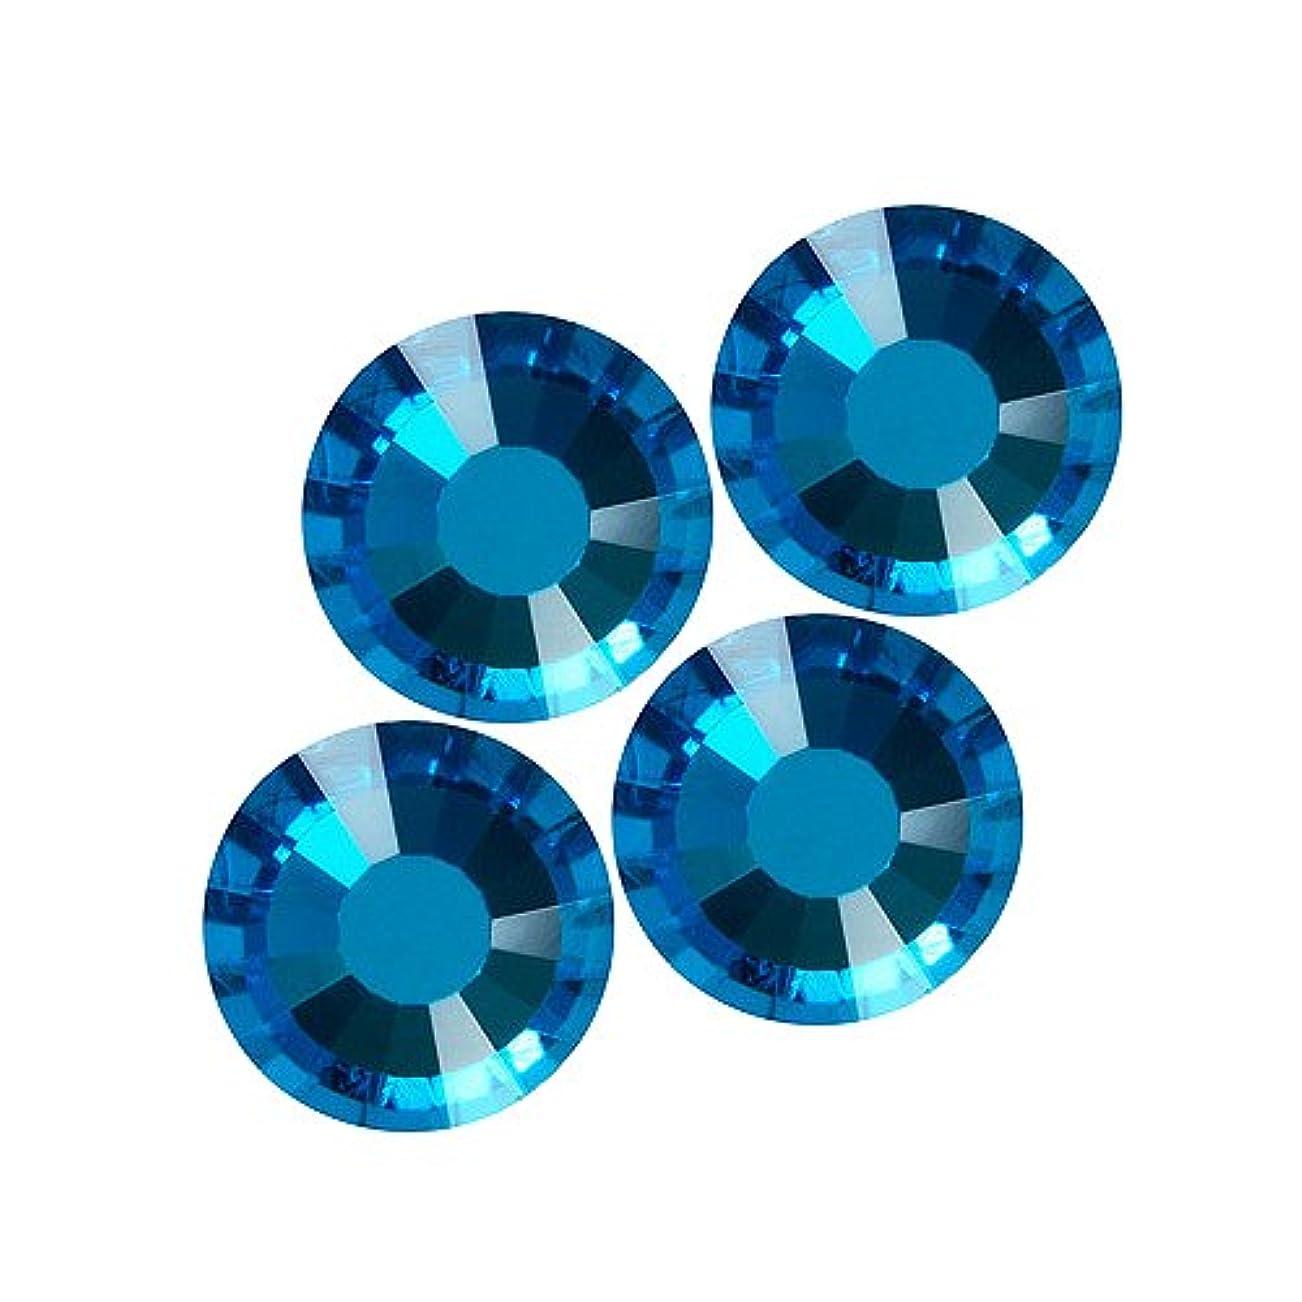 恐れ扇動割合バイナル DIAMOND RHINESTONE ブルージルコン SS8 720粒 ST-SS8-BUZ-5G